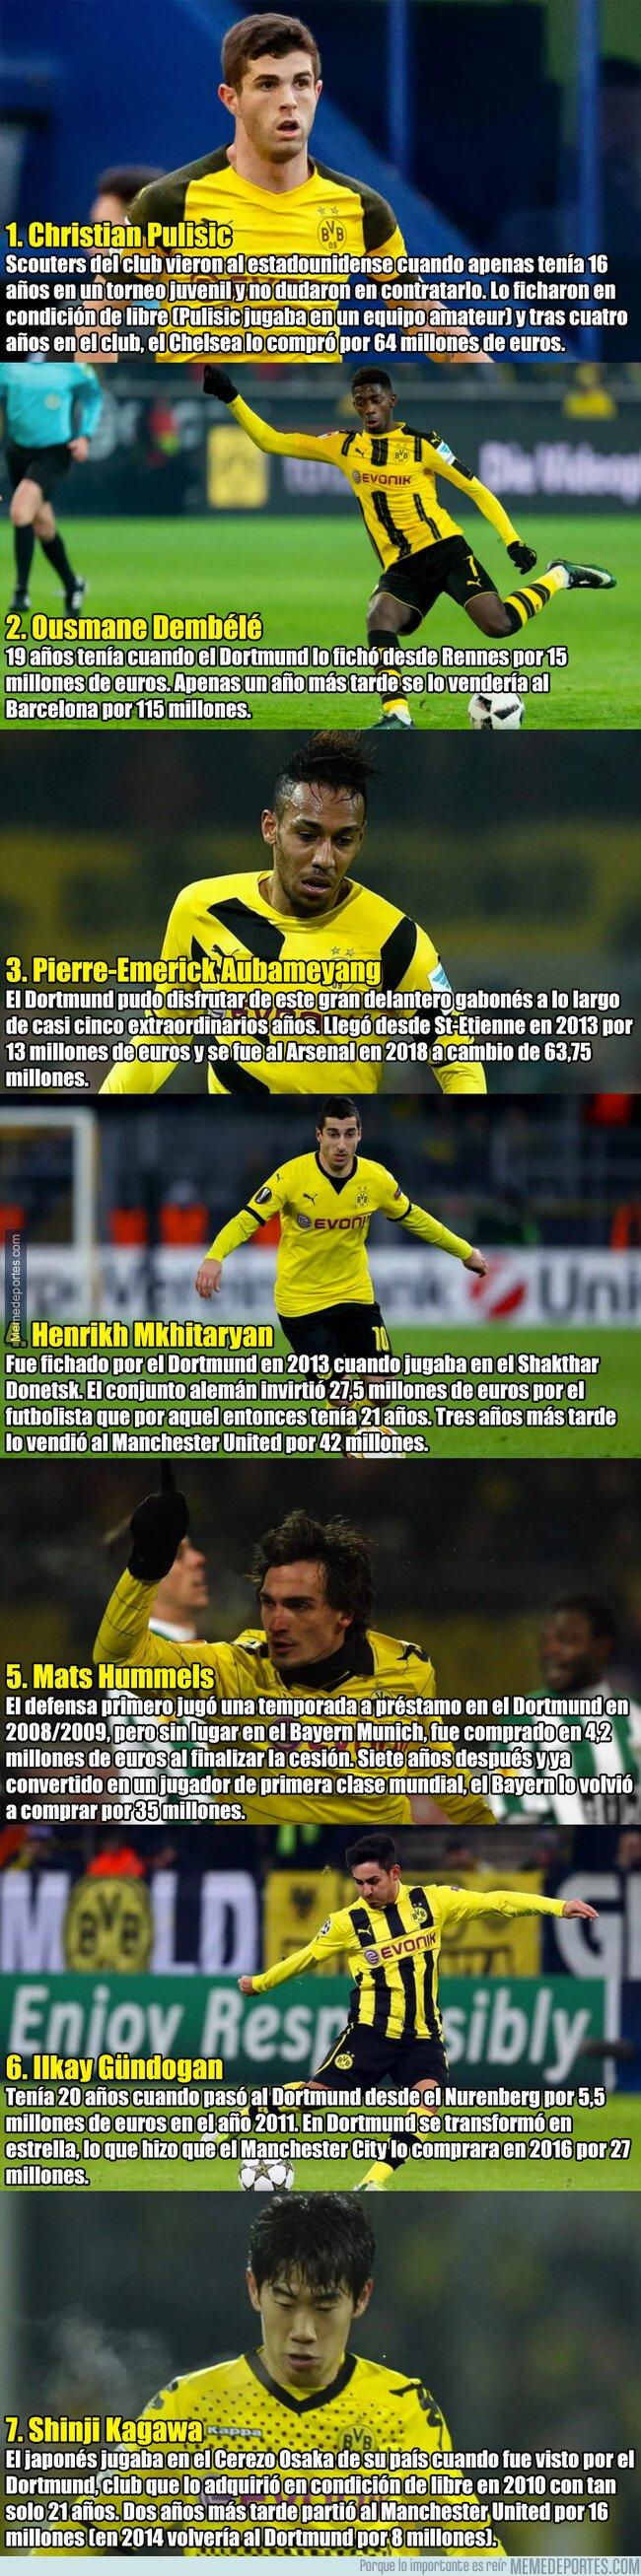 1061703 - 7 futbolistas que compró el Borussia Dortmund y luego vendió por mucho más dinero